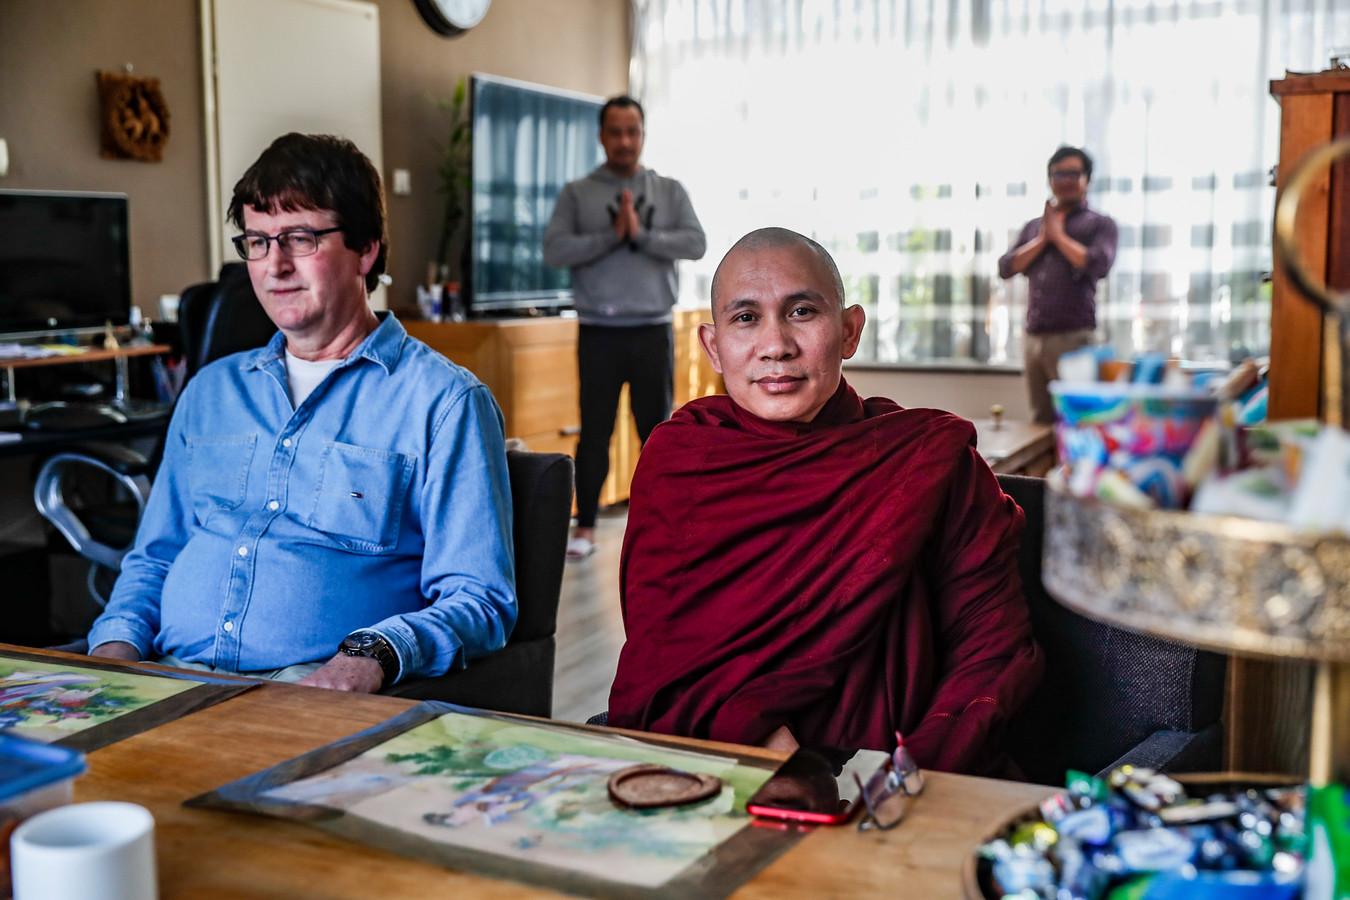 De boeddhistische monnik Ashin Candavara heeft onderdak gekregen bij het Wijhese echtpaar Chomar en Jim Oosterhof.